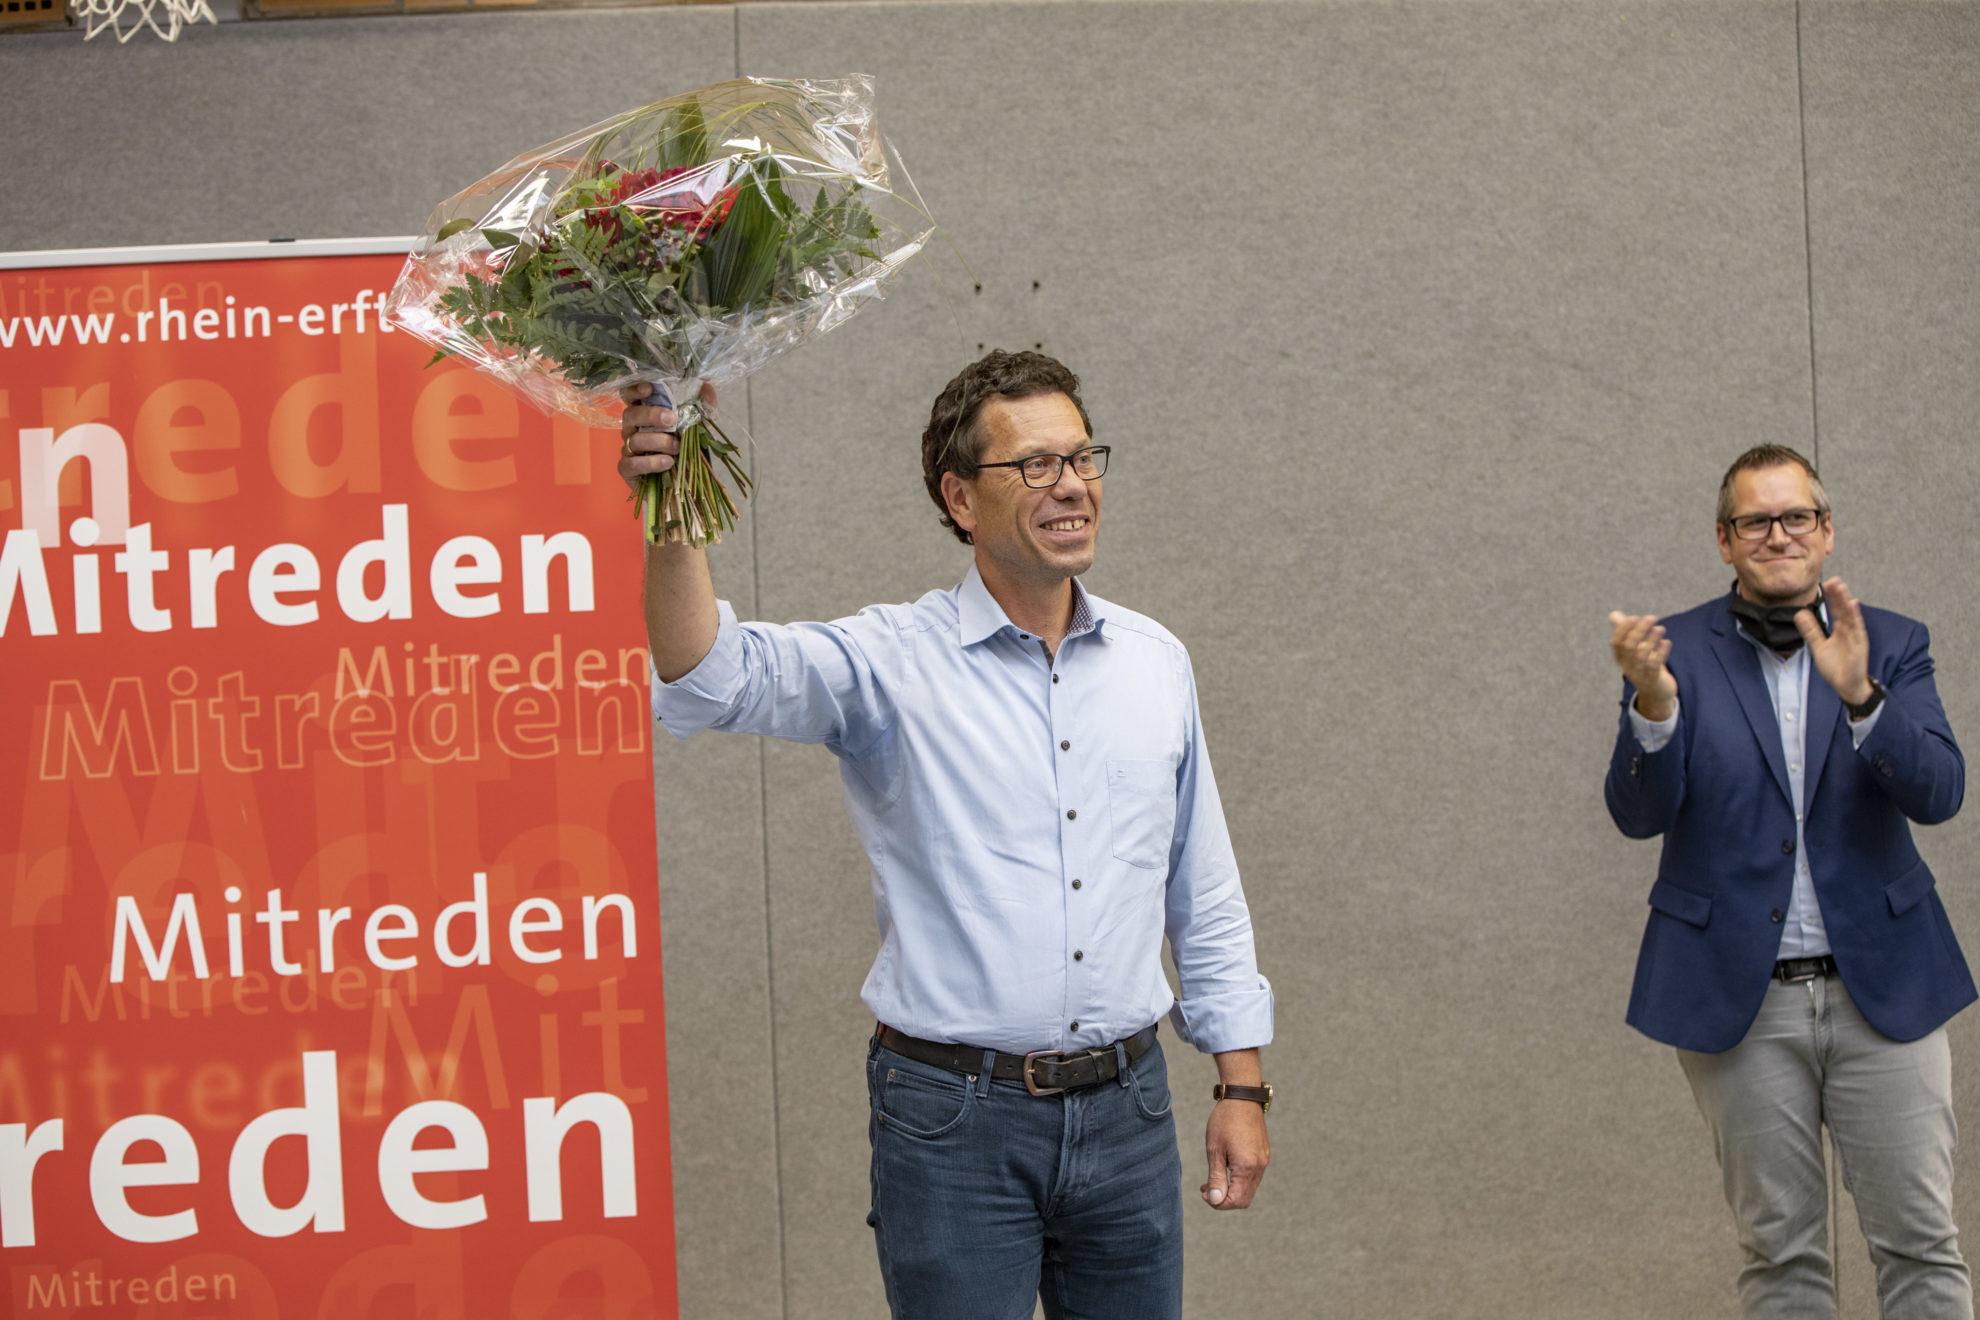 Dierk Timm mit Blumenstrauß bedankt sich für seine Wahl